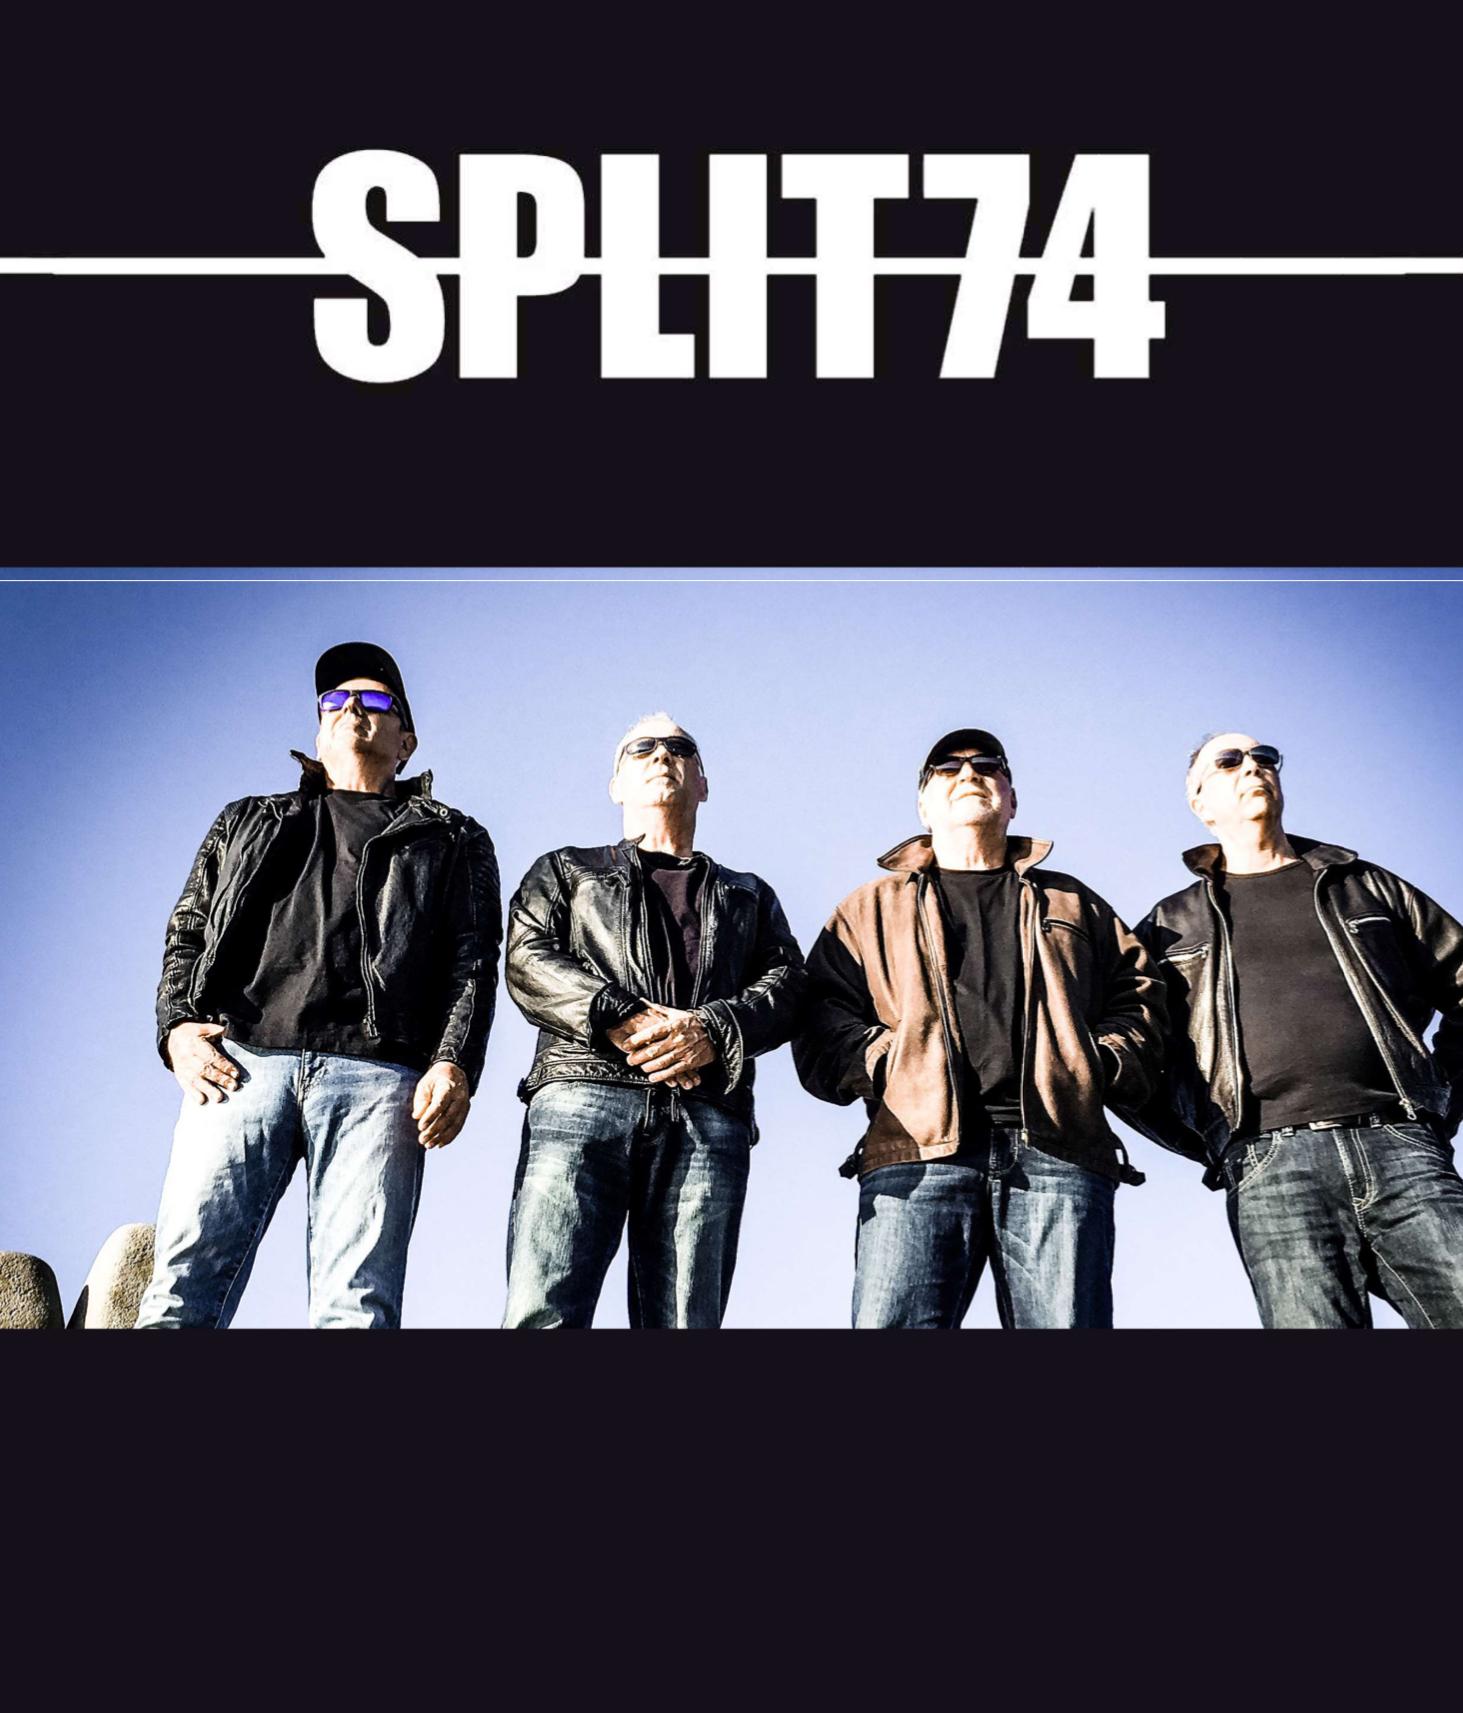 SPLIT 74